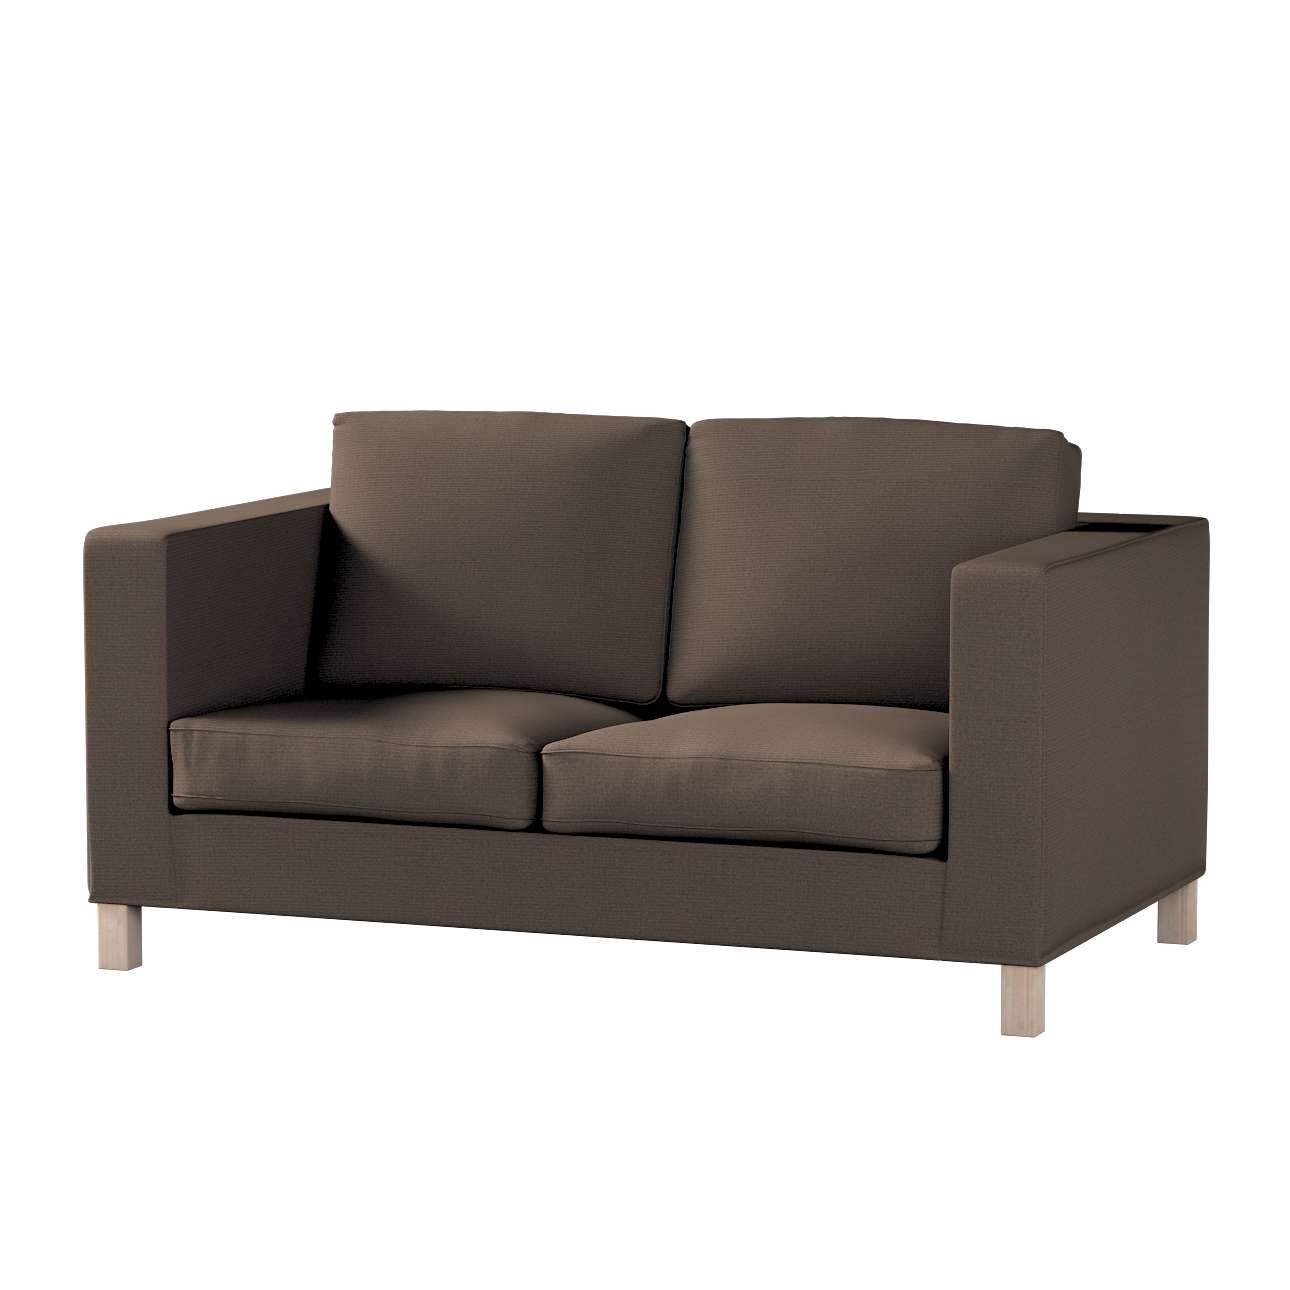 Karlanda 2-Sitzer Sofabezug nicht ausklappbar kurz Karlanda 2-Sitzer von der Kollektion Etna, Stoff: 705-08